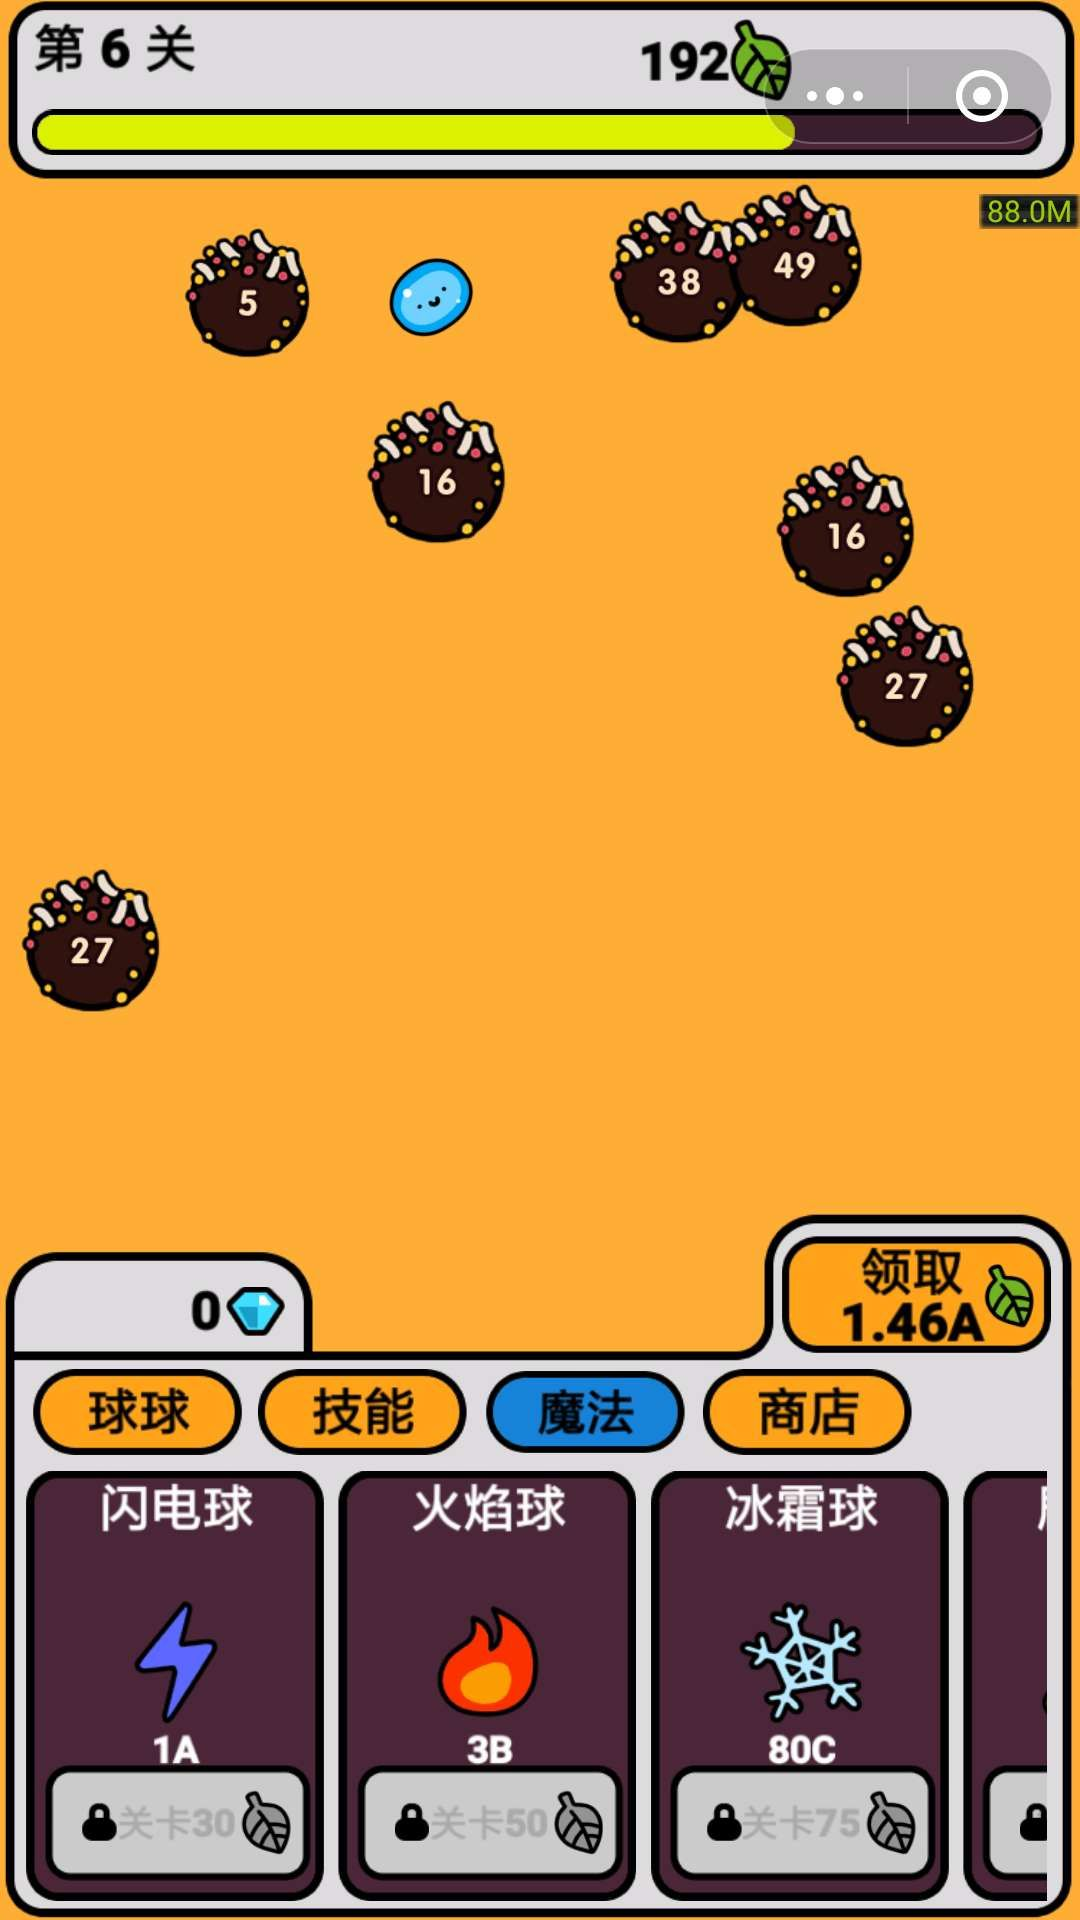 微信球球作战大冒险小程序官方正版下载图3: